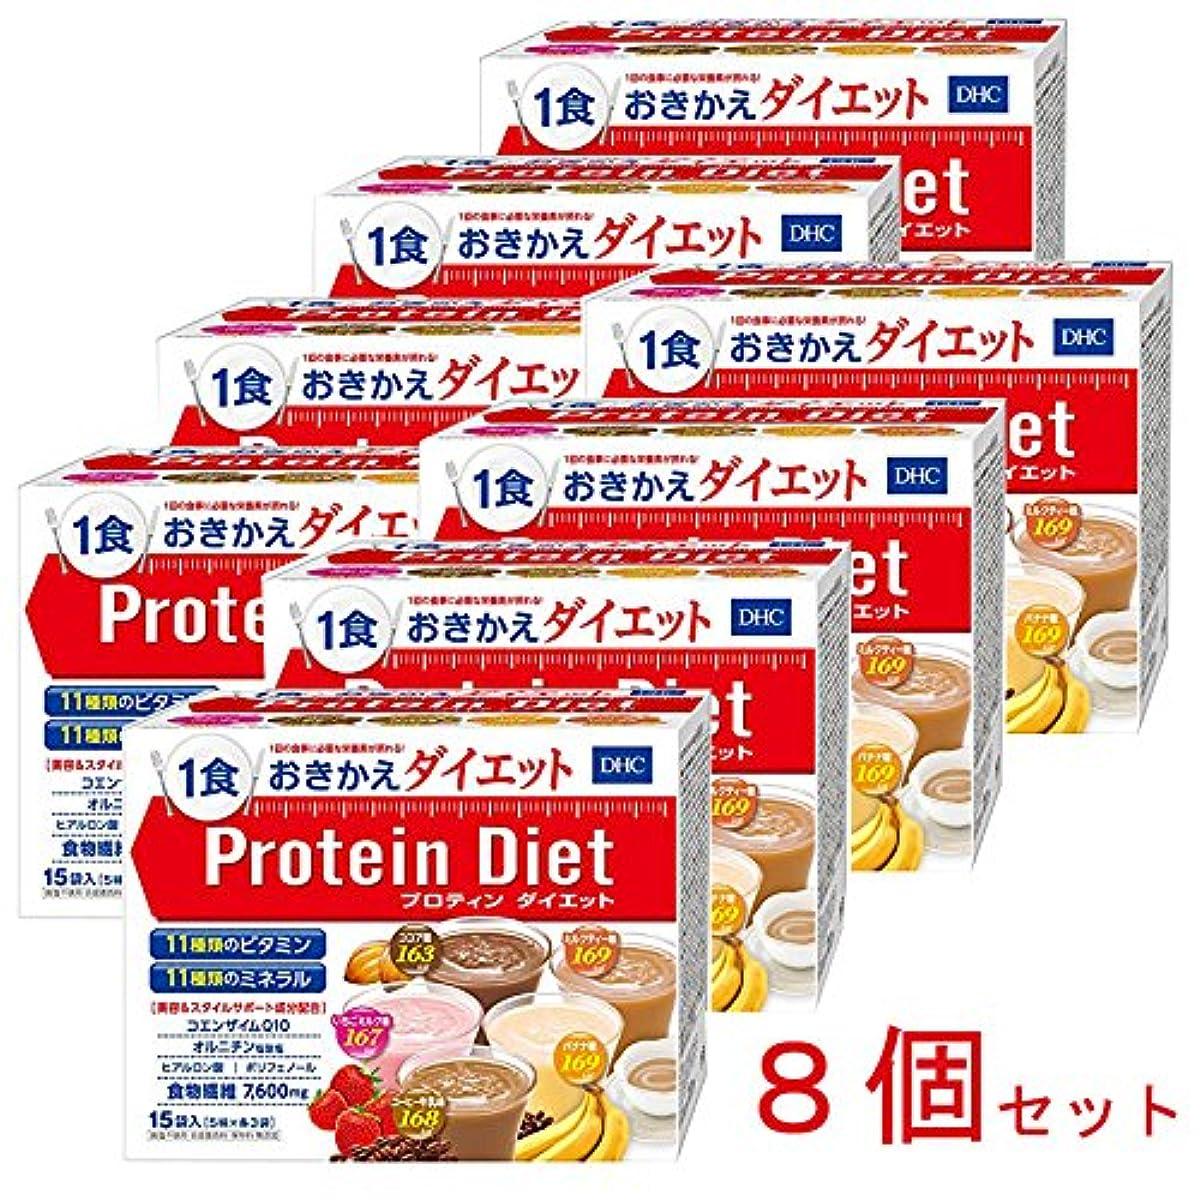 電話繊維レッスンDHC プロティンダイエット 1箱15袋入 8箱セット 1食169kcal以下&栄養バッチリ! リニューアル